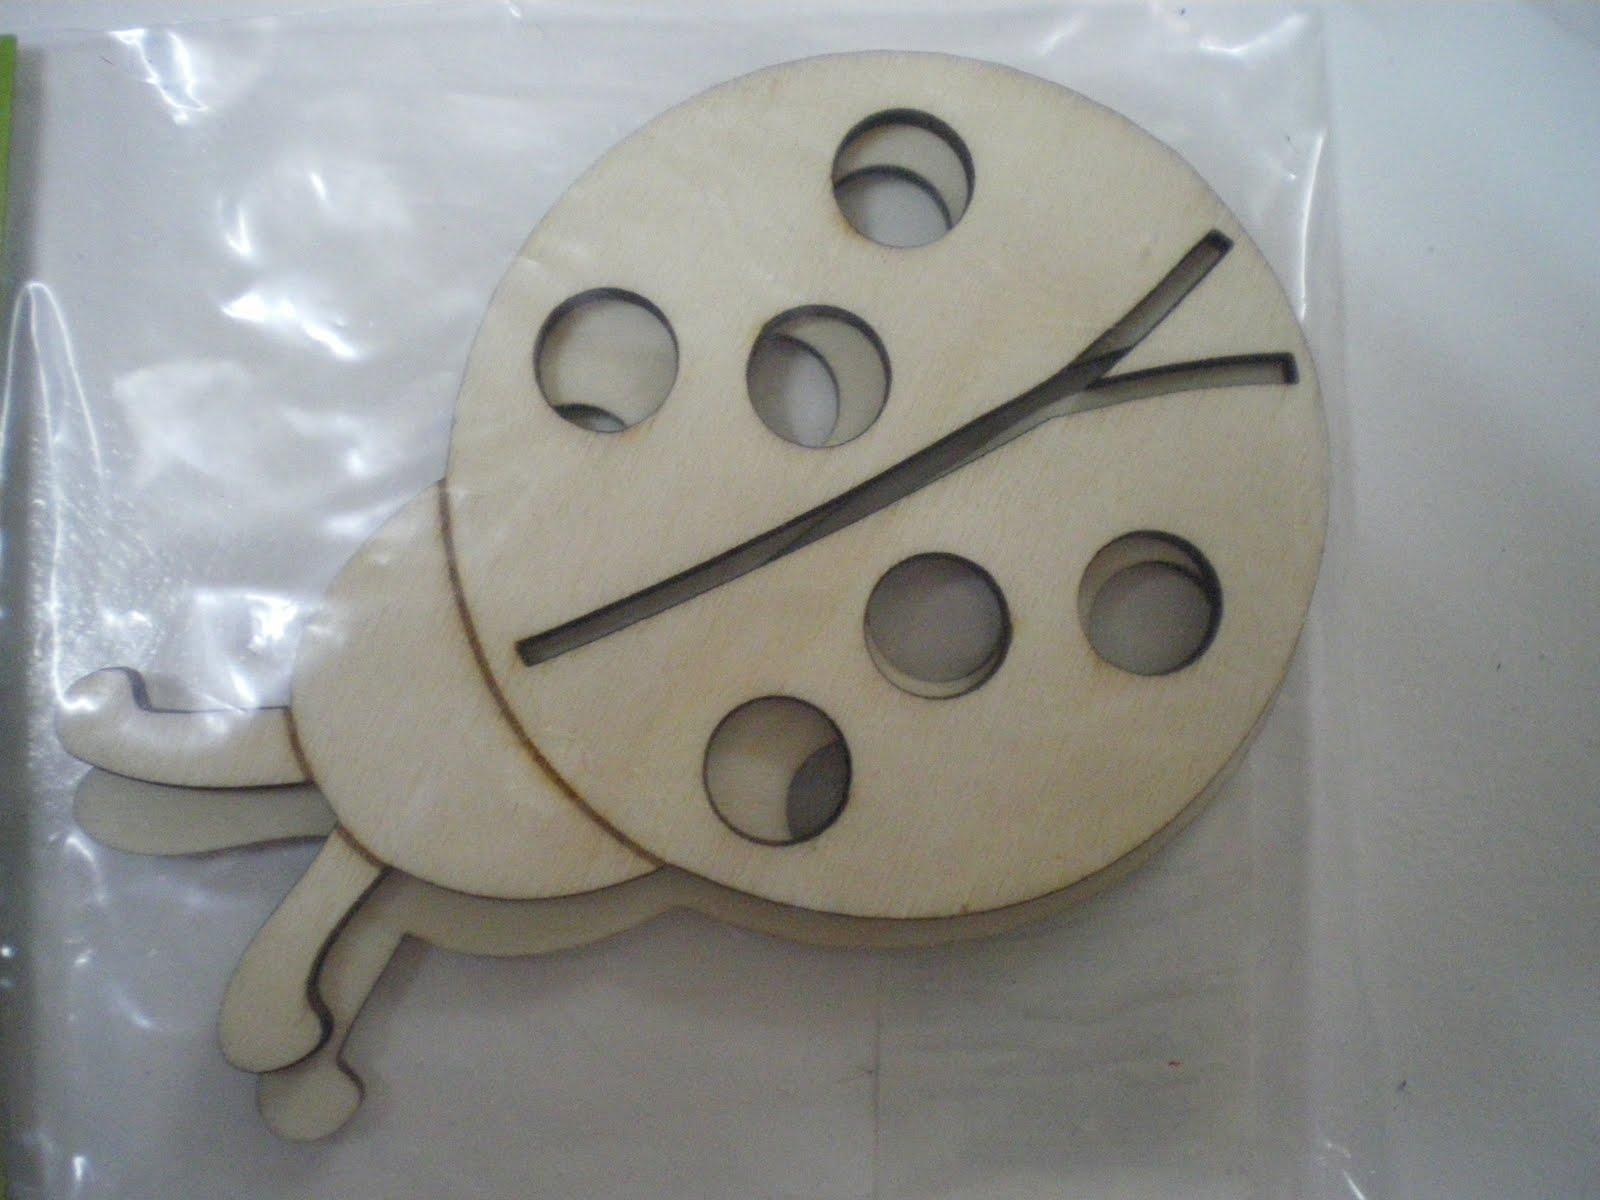 Manualidades simbolos nuevos art culos de madera - Articulos de madera para manualidades ...